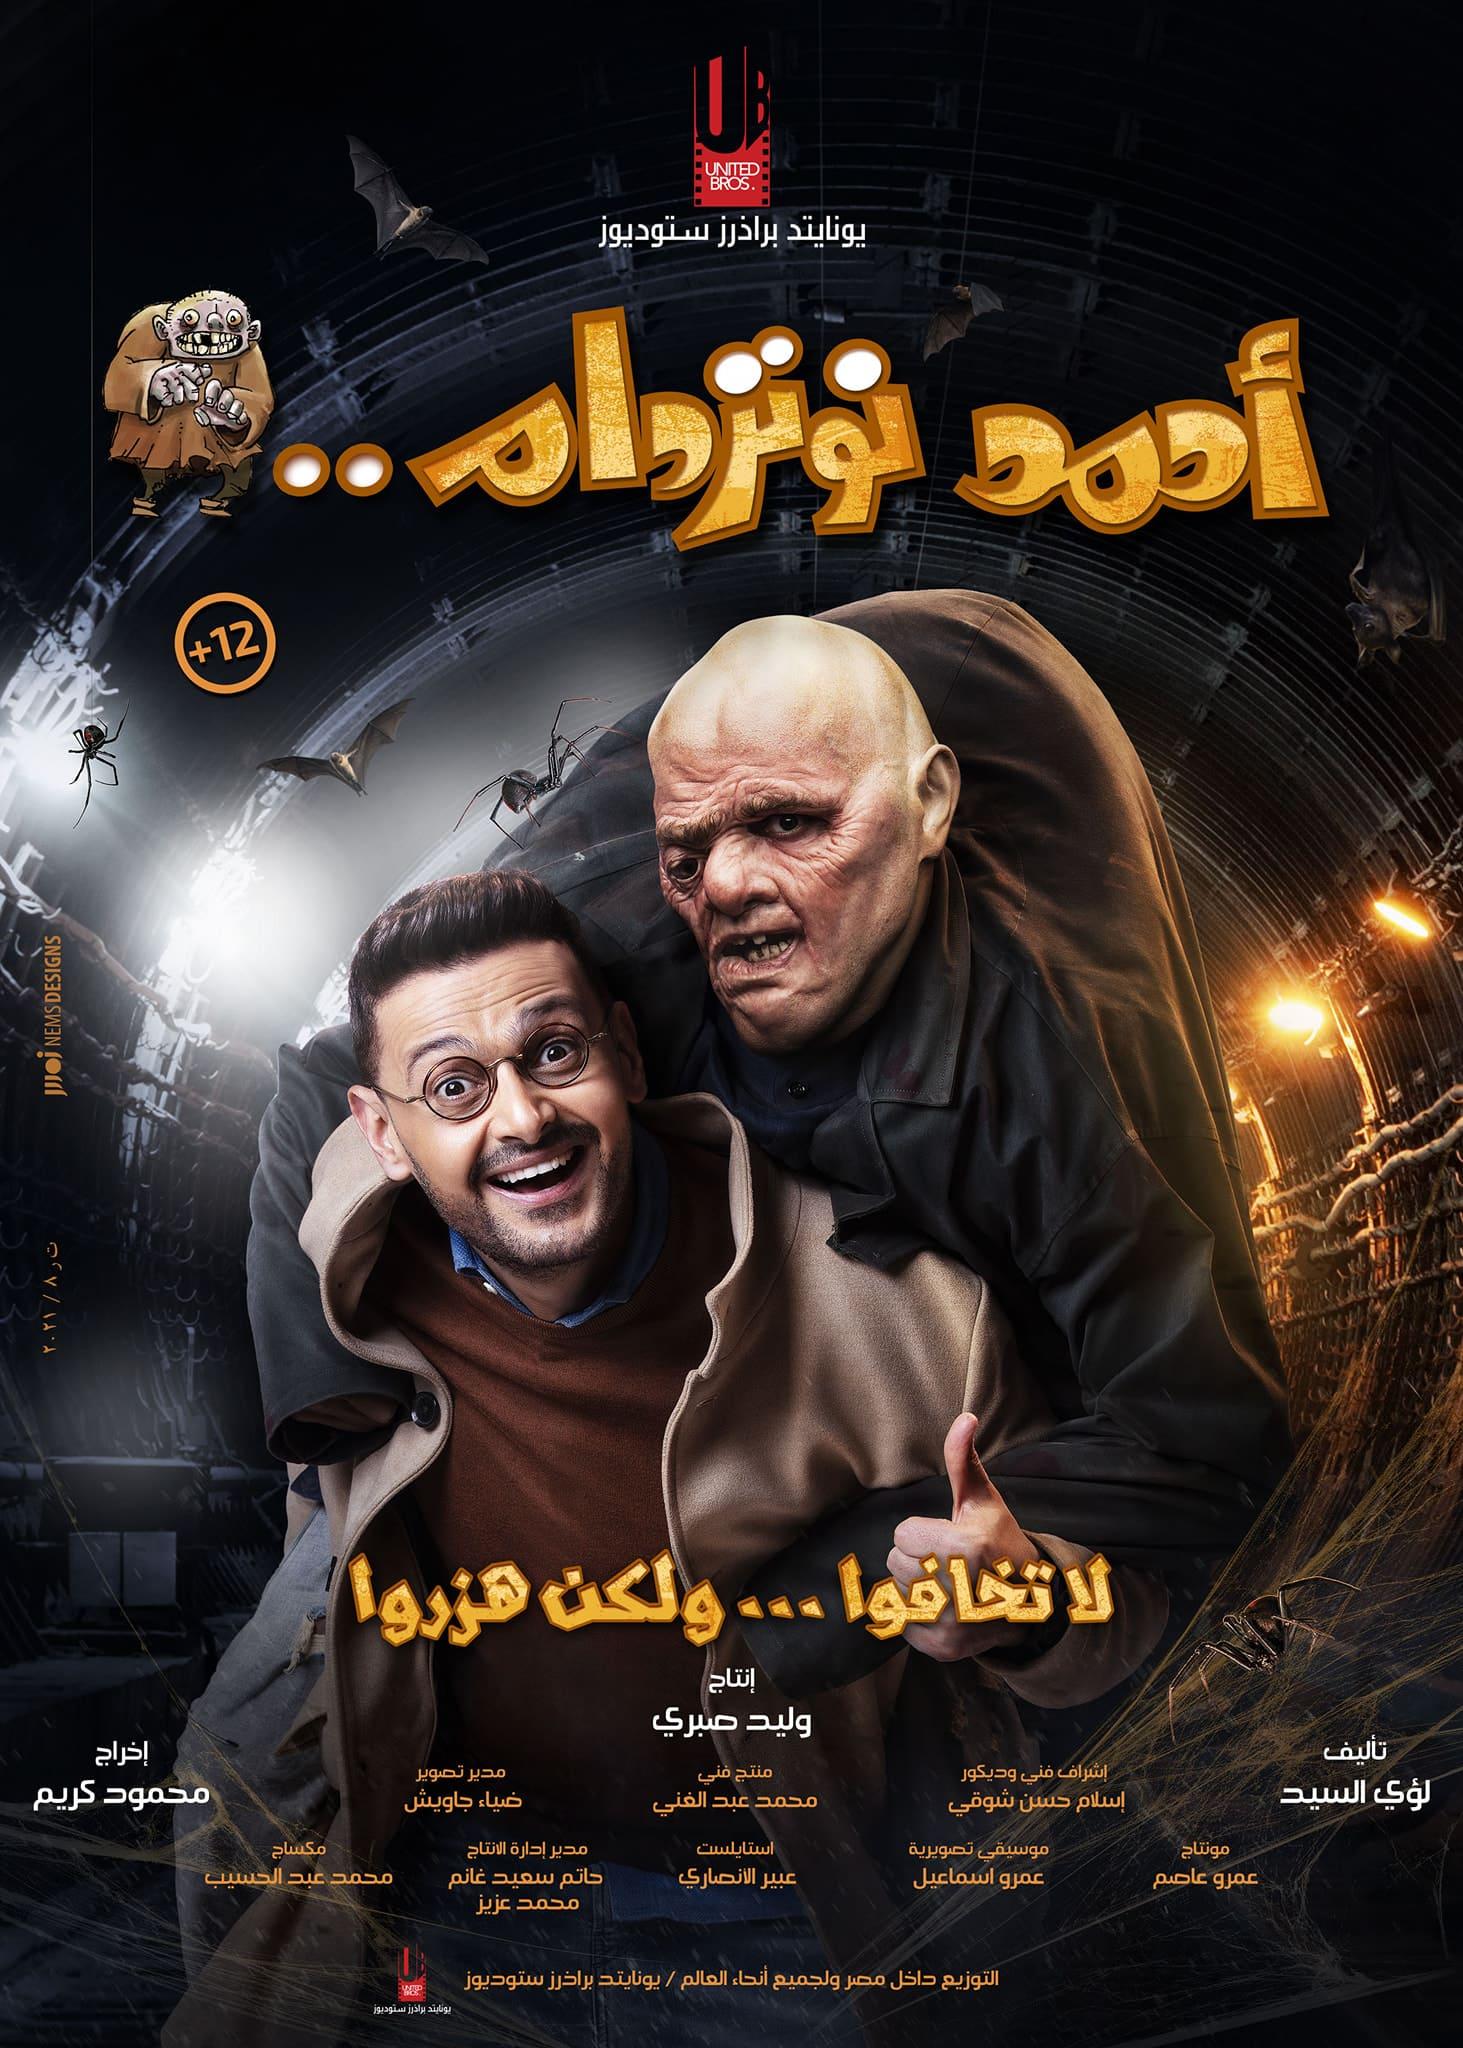 بوستر فيلم أحمد نوتردام (2021) بطولة رامز جلال وتفاصيلة